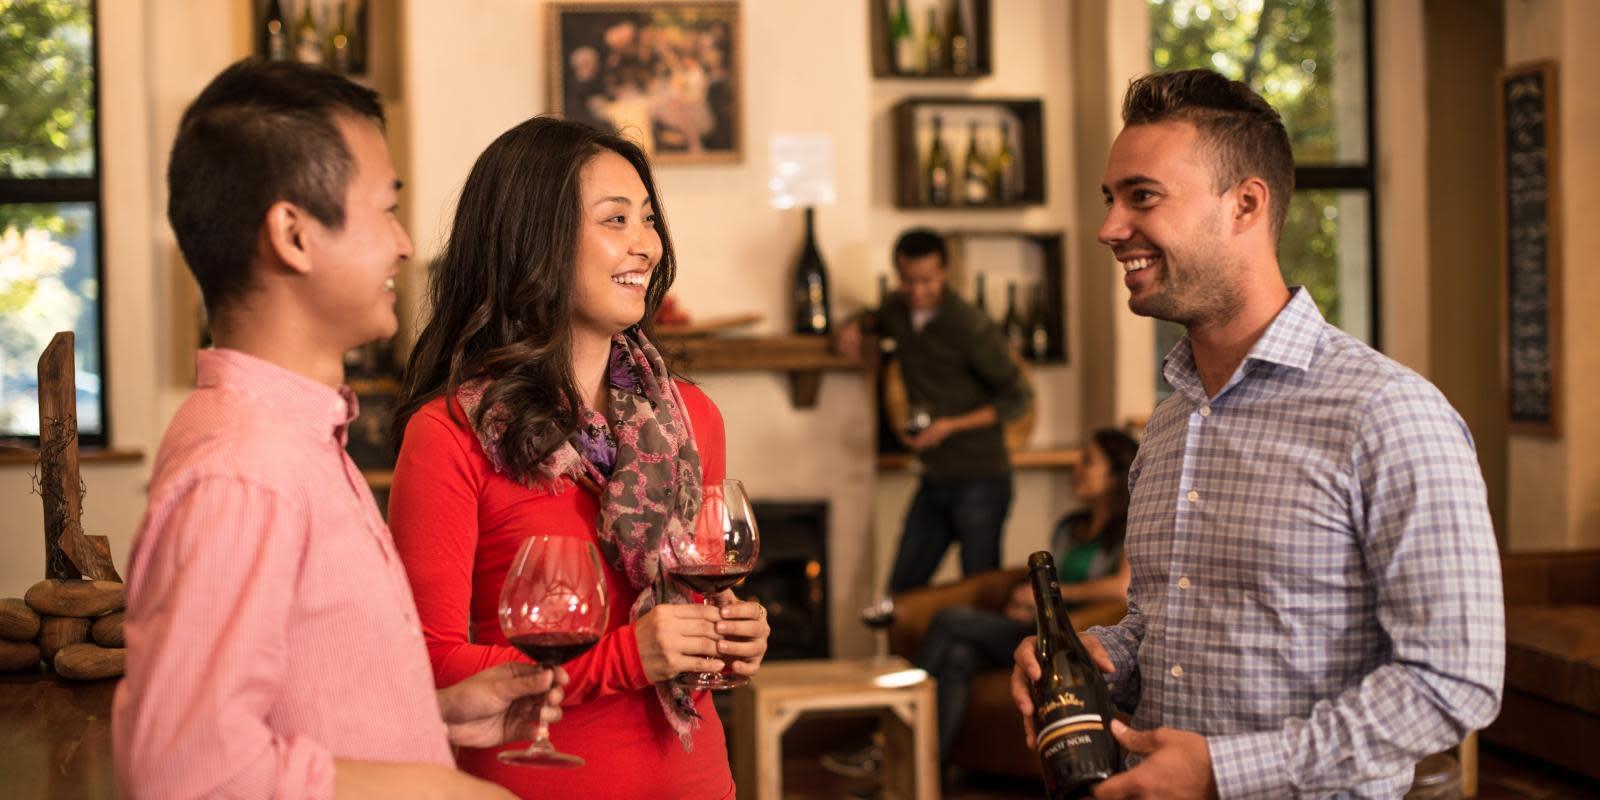 Tastes local wines from the cellar door Queenstown